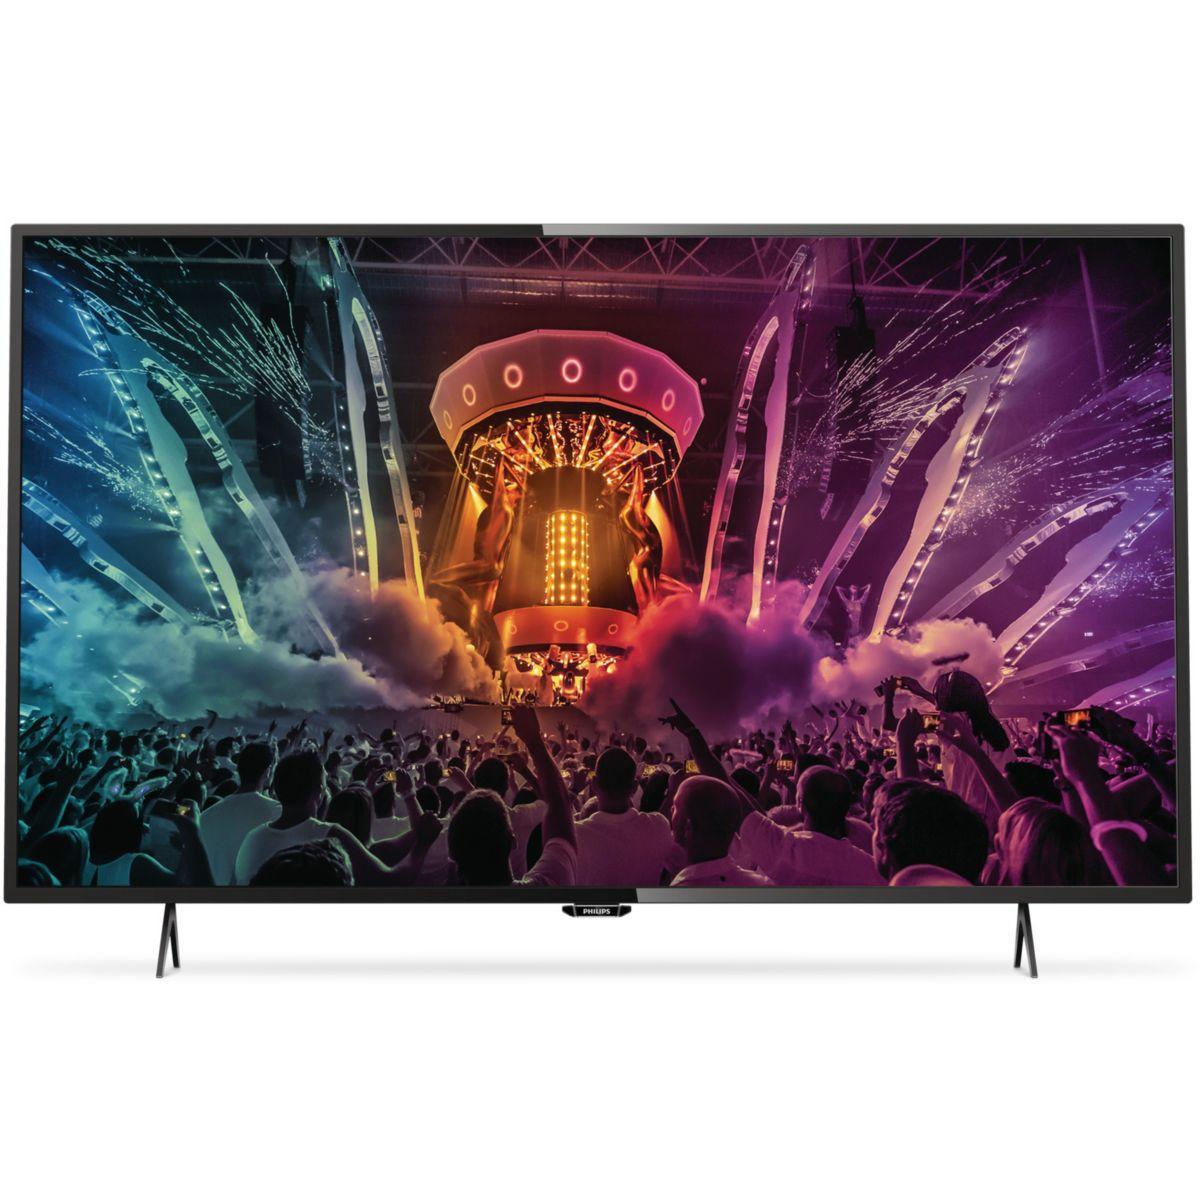 Tv philips 55puh6101 4k 800 ppi smart tv - livraison offerte : code livrentree (photo)